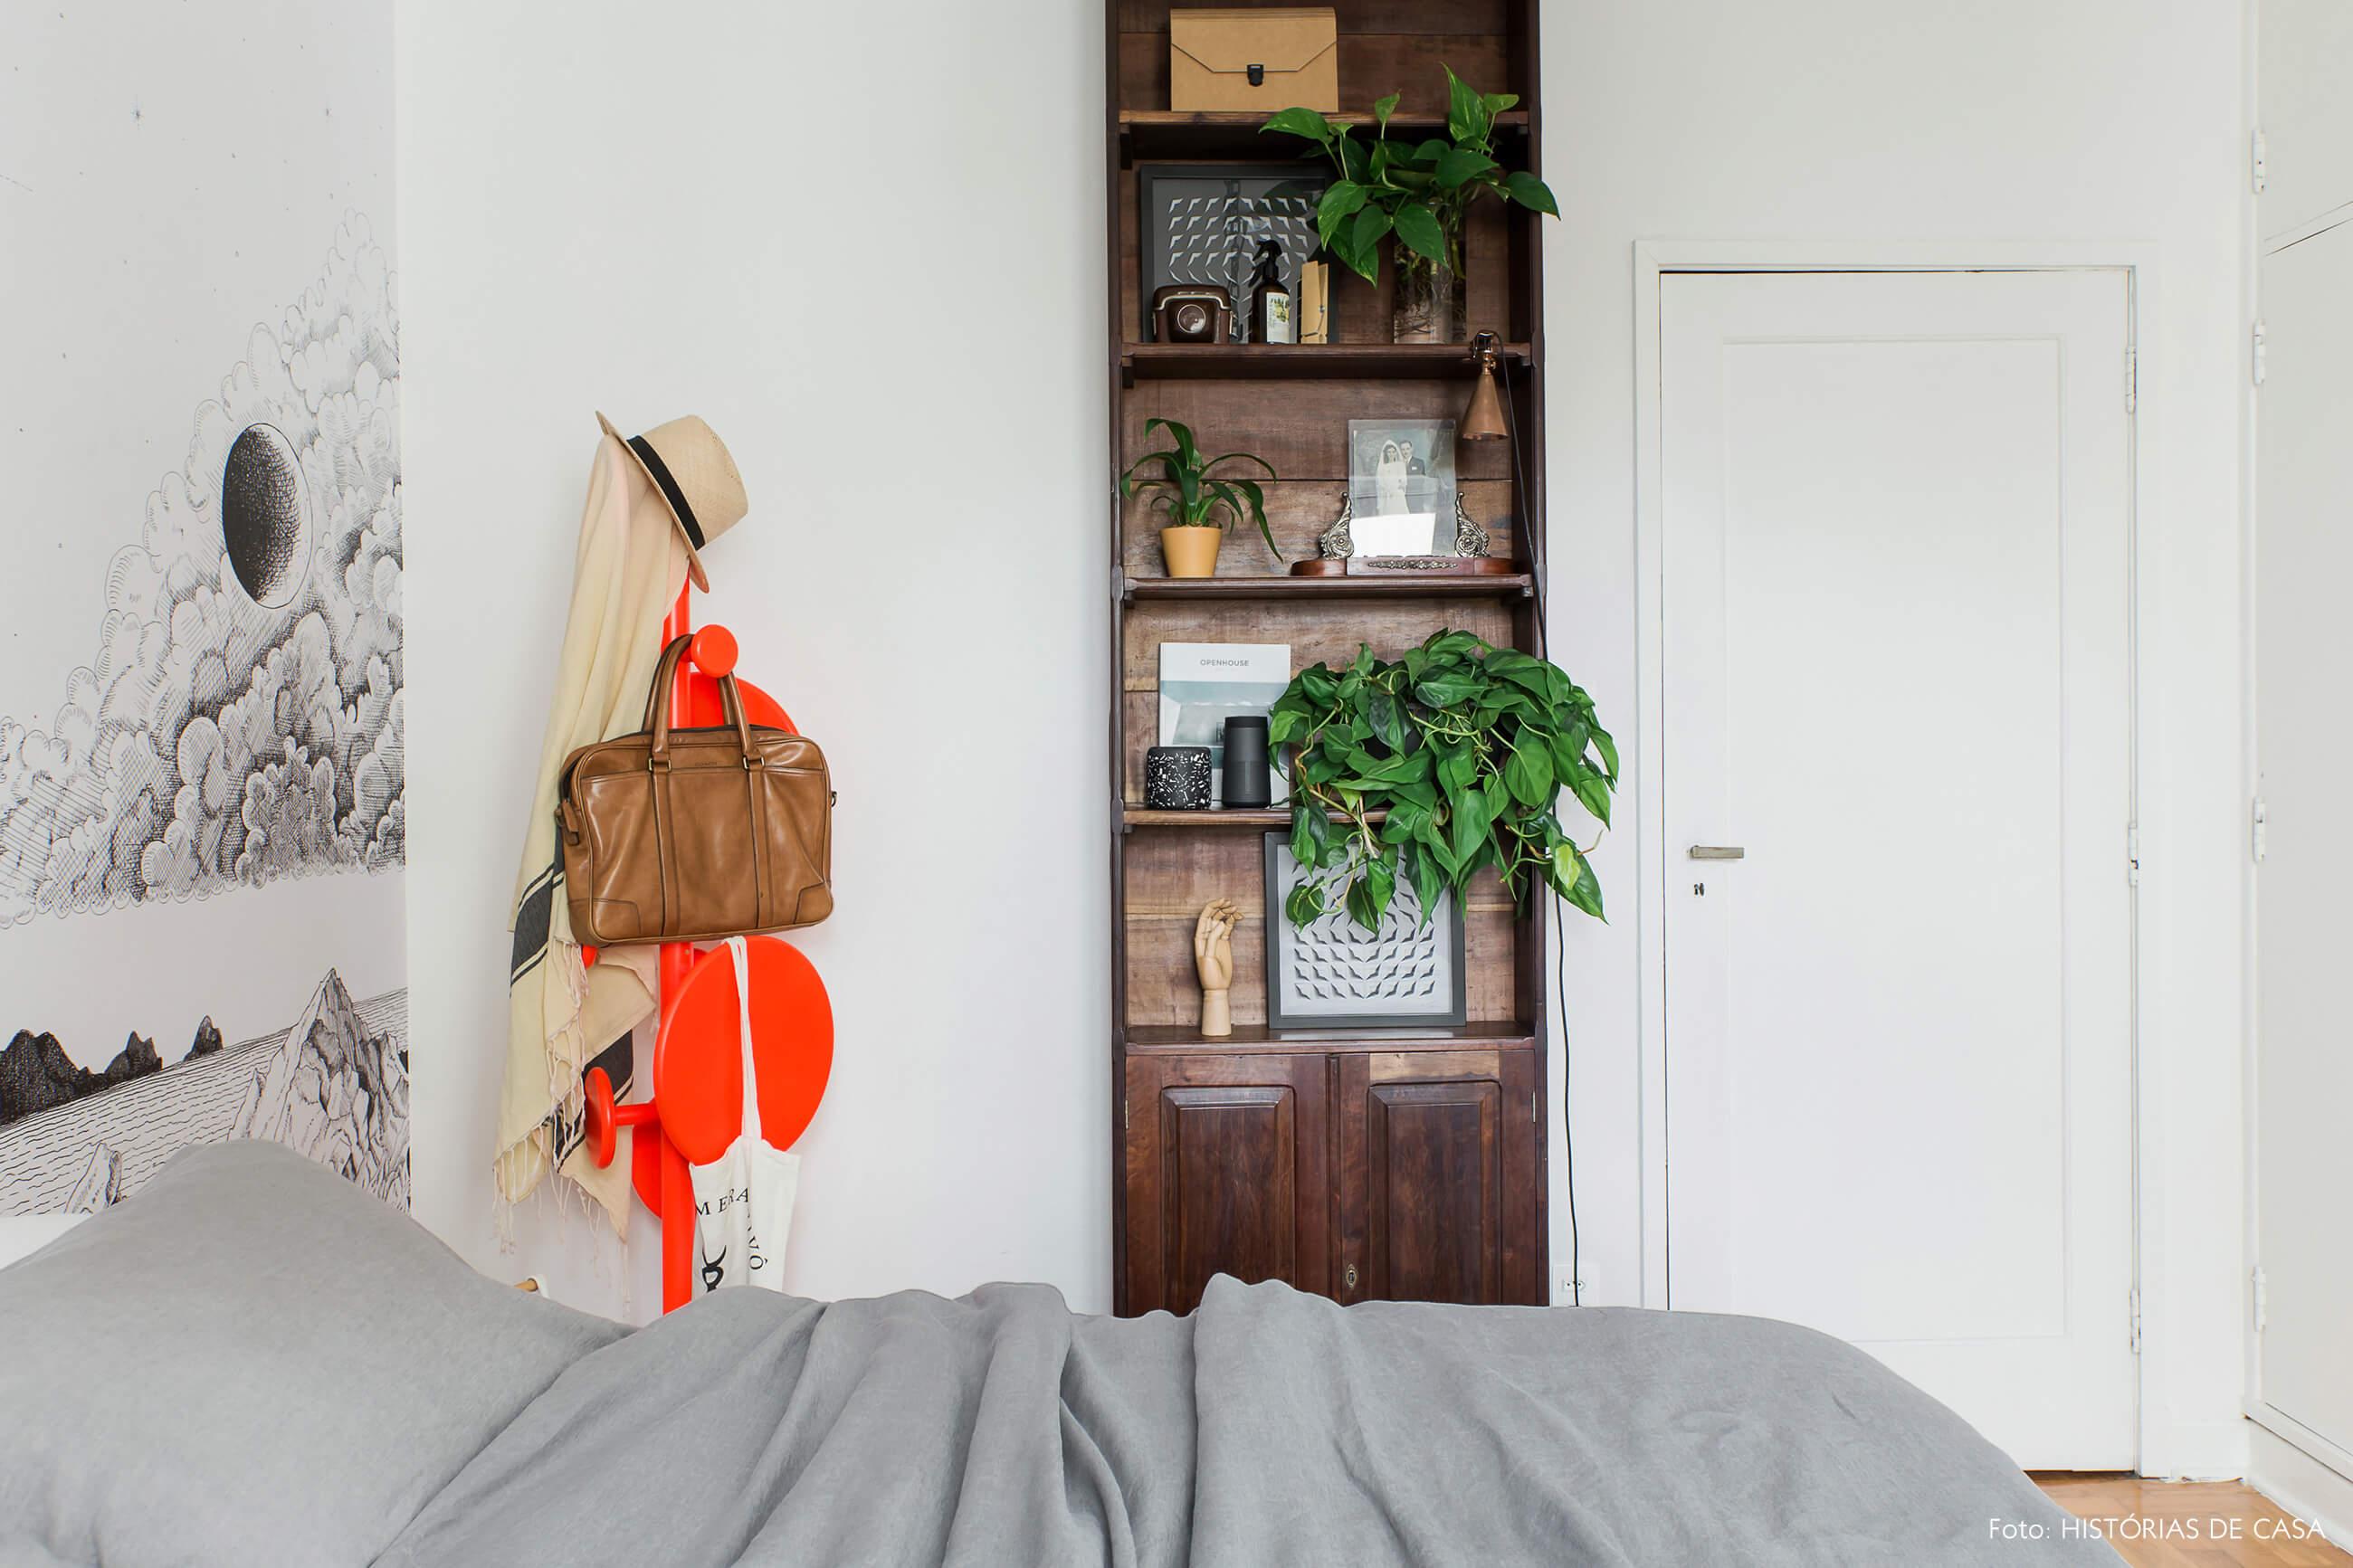 Quarto com estante vintage, plantas e cabideiro colorido